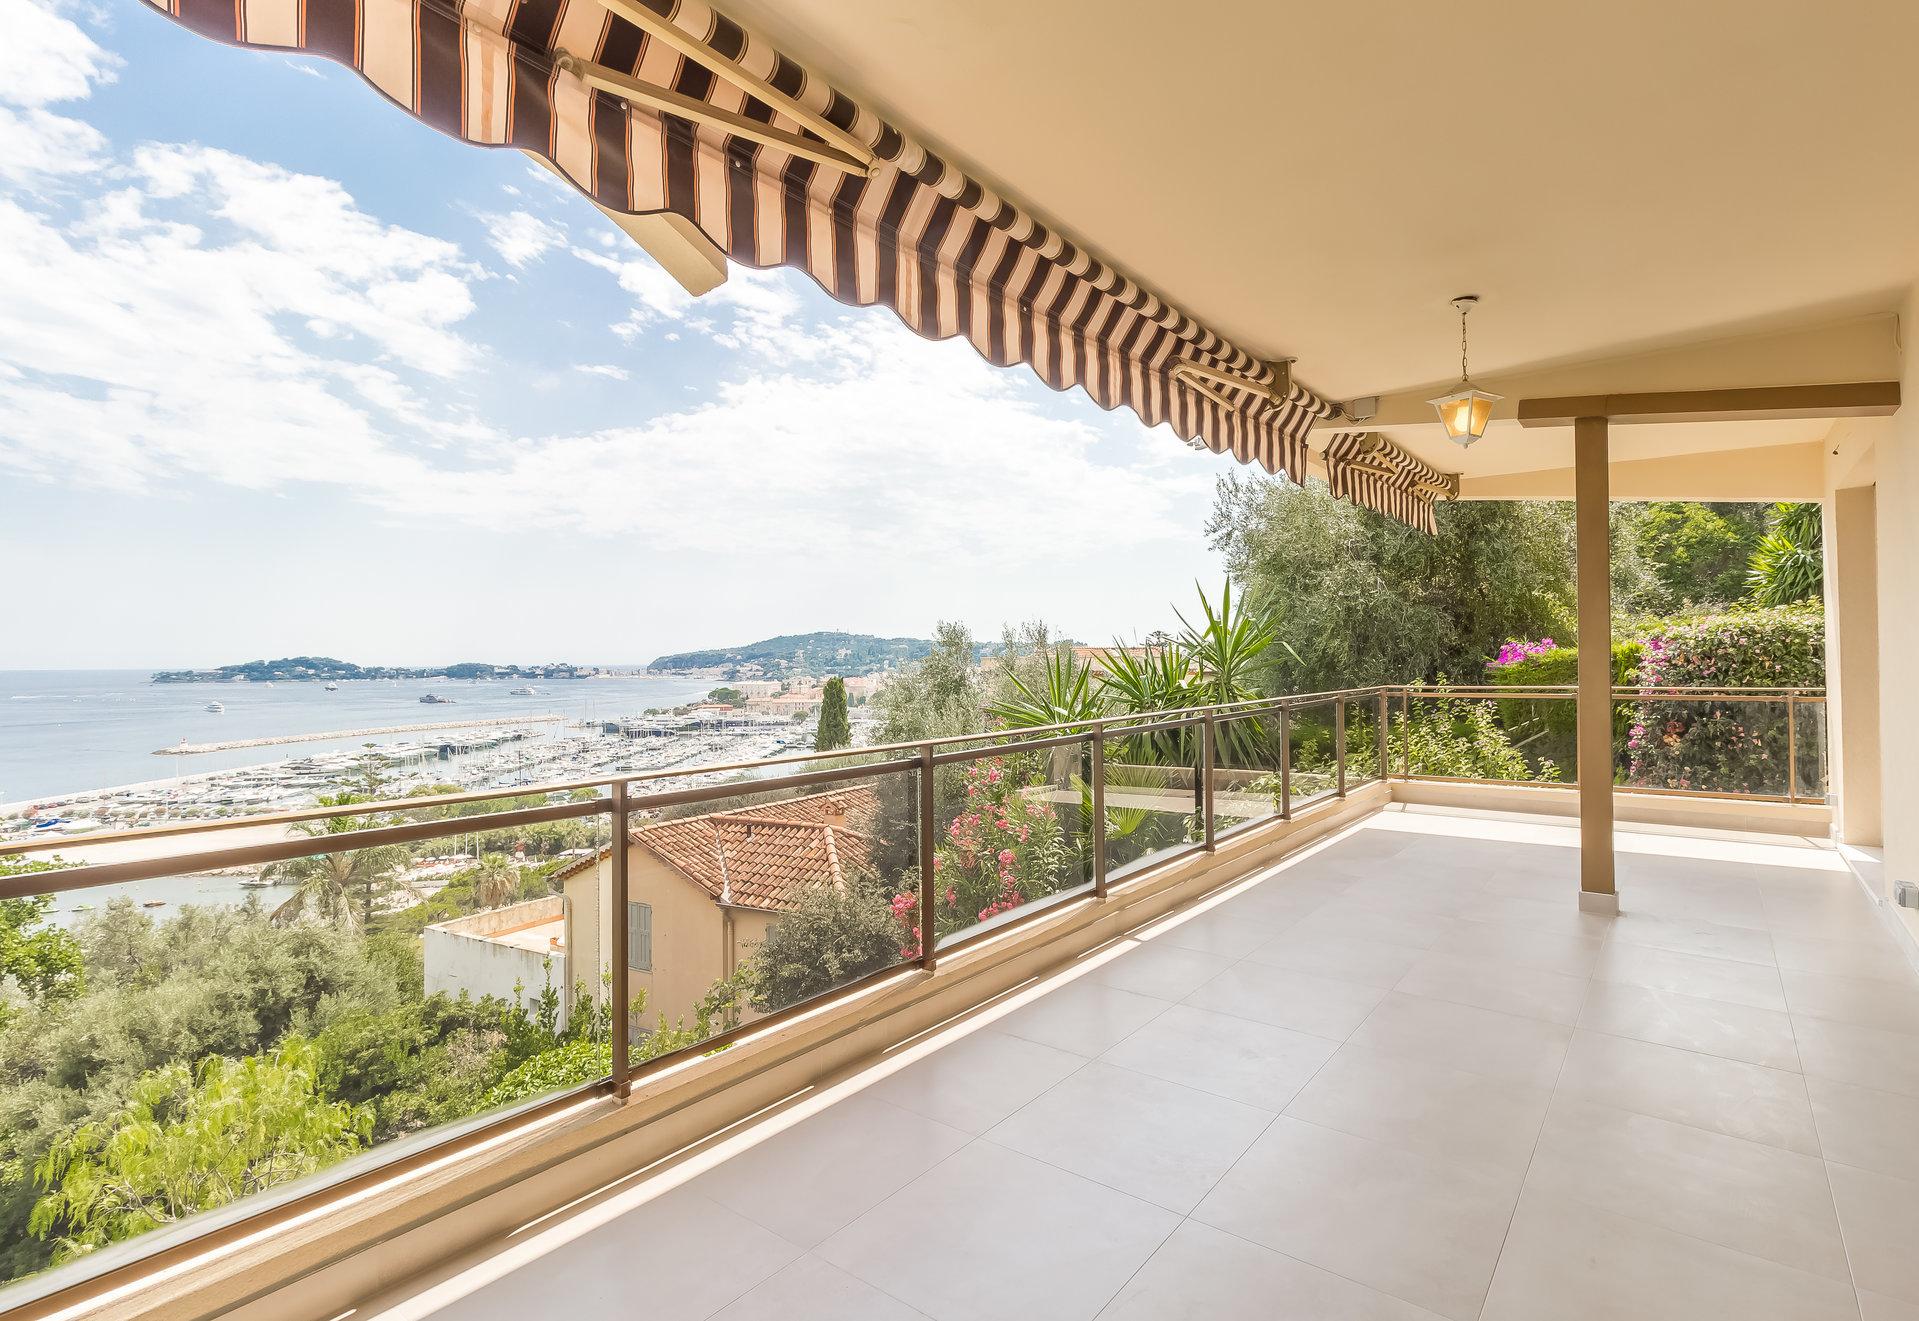 BEAULIEU S/M 3 pcs, neuf, terrasse , vue mer, garage